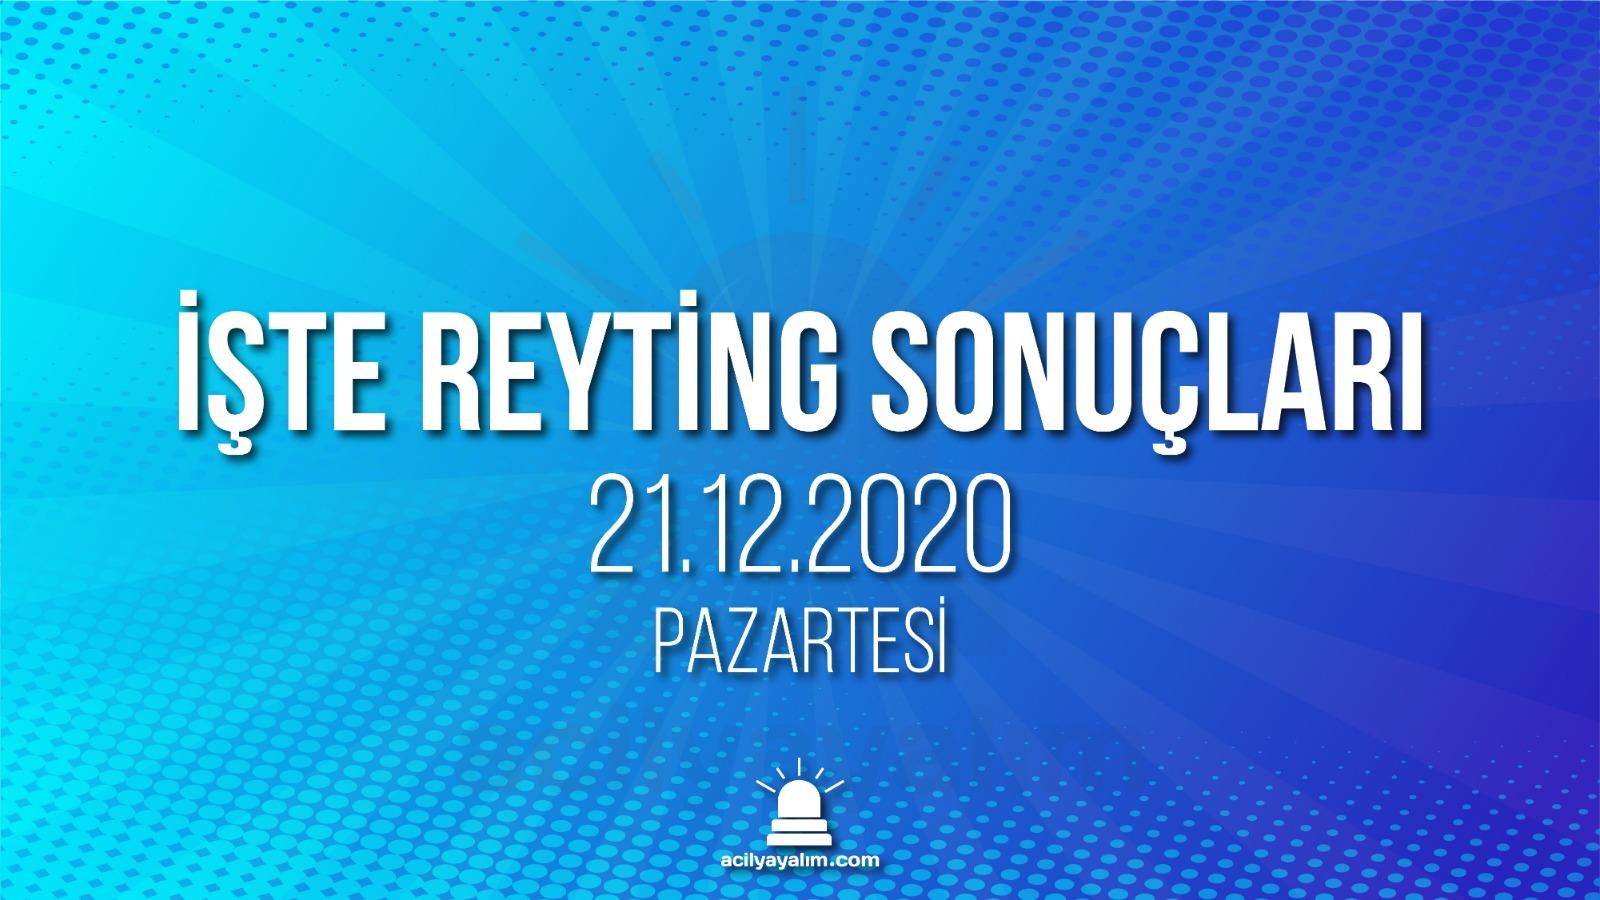 21 Aralık 2020 Pazartesi reyting sonuçları